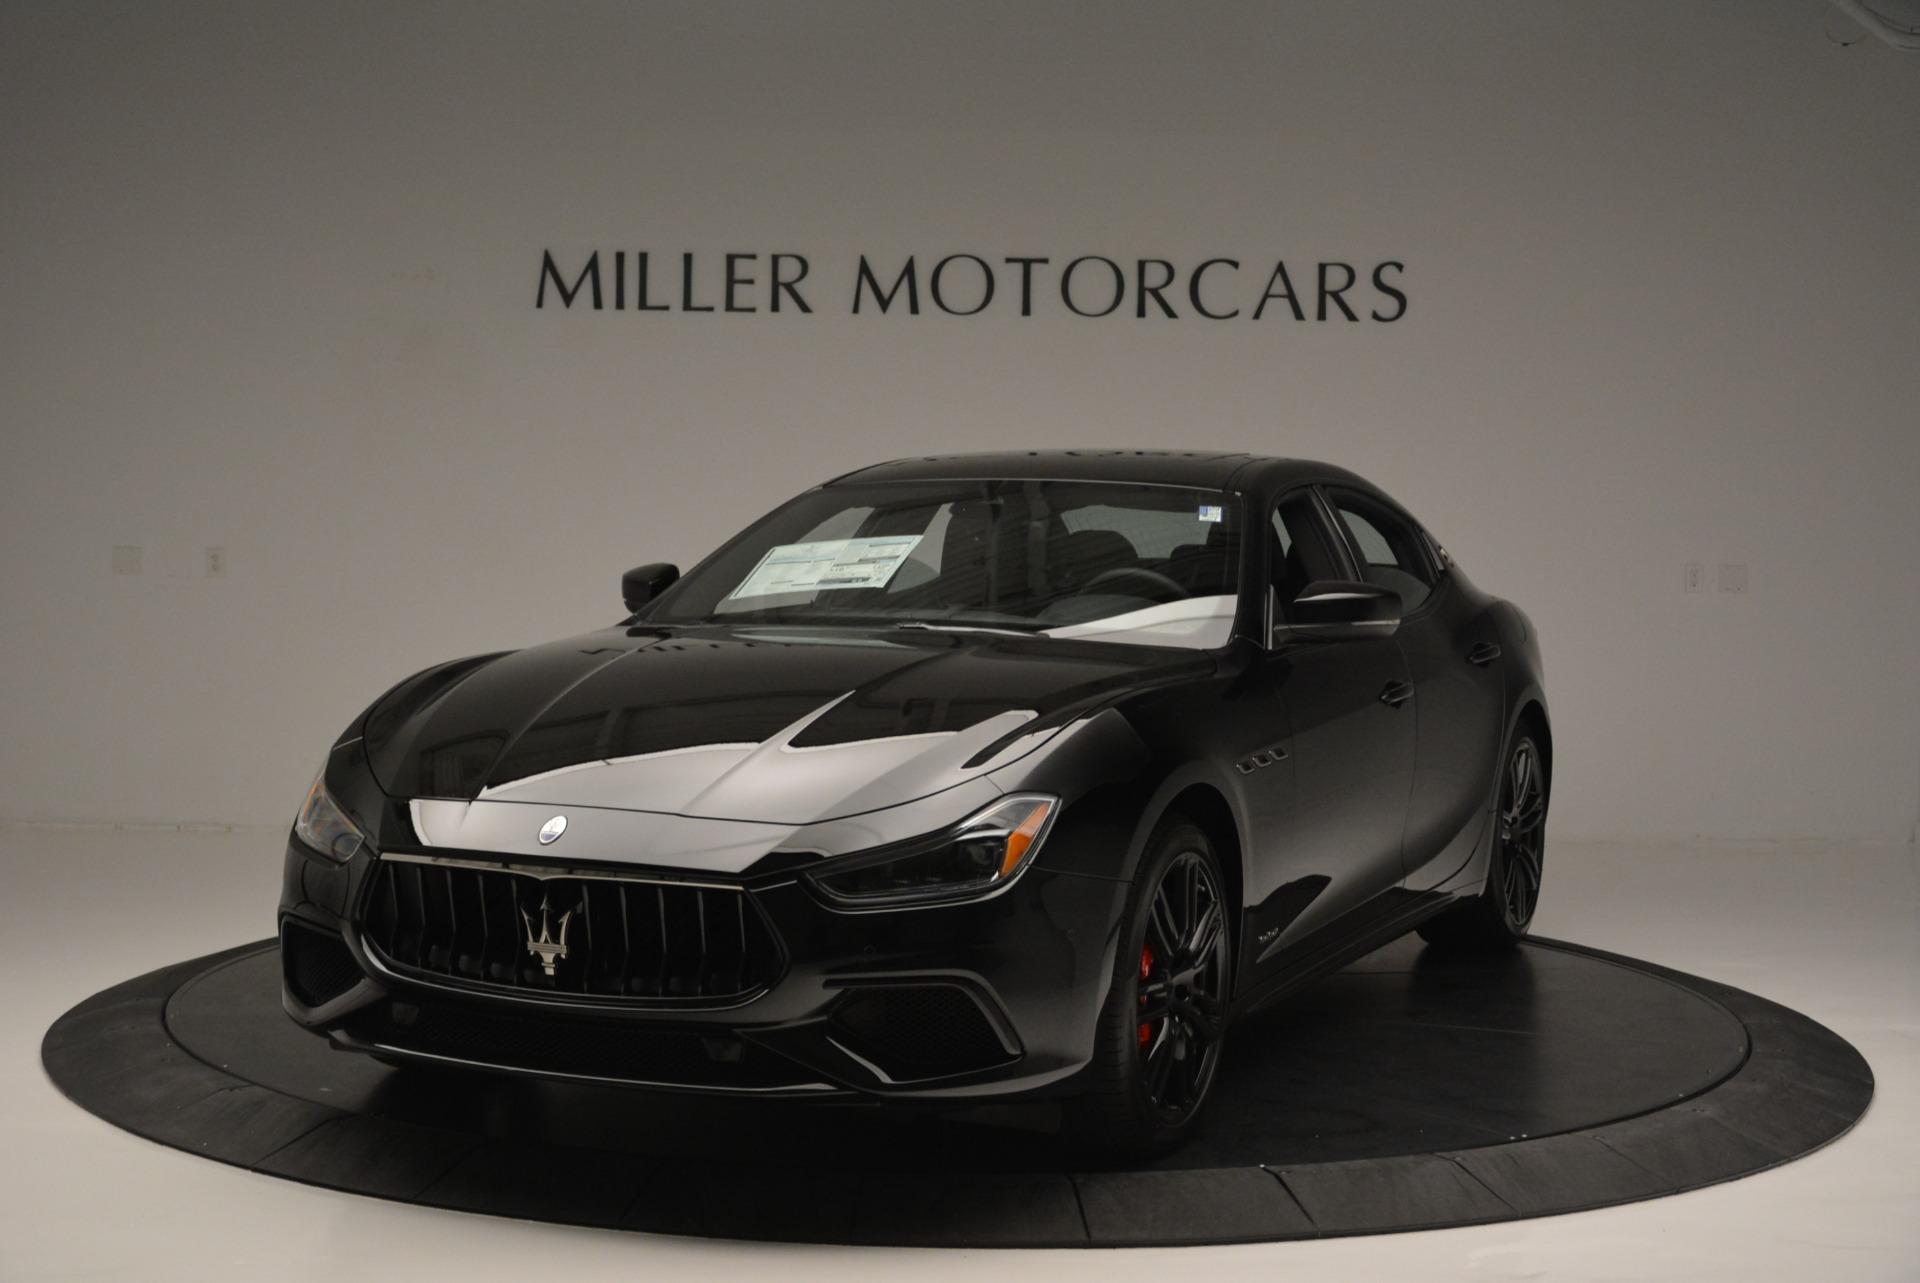 New 2018 Maserati Ghibli SQ4 GranSport Nerissimo For Sale In Greenwich, CT 2372_main